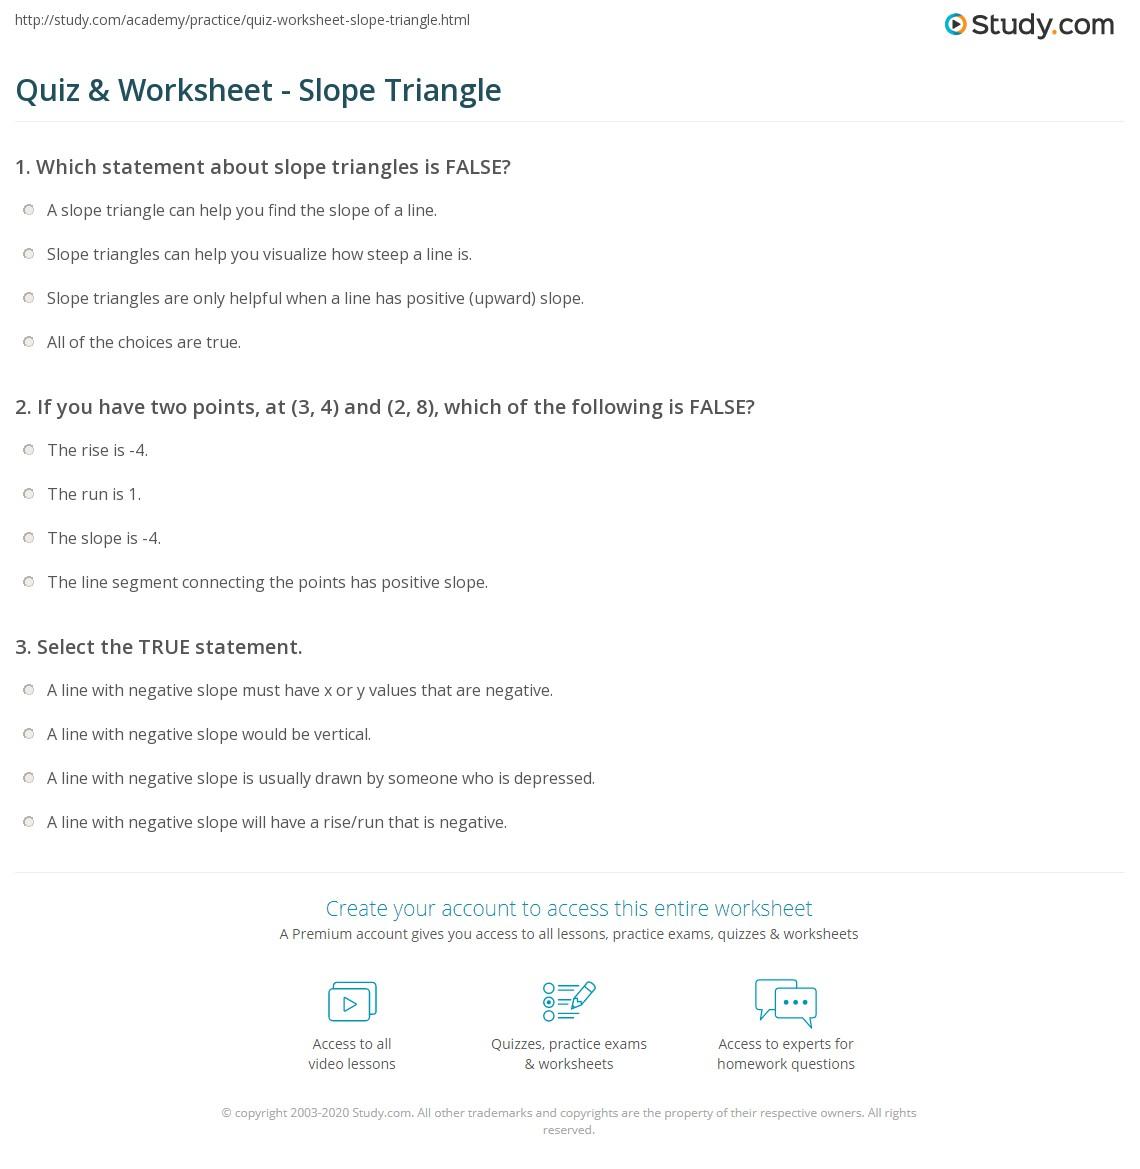 worksheet Slope Practice Worksheet quiz worksheet slope triangle study com print definition concept worksheet